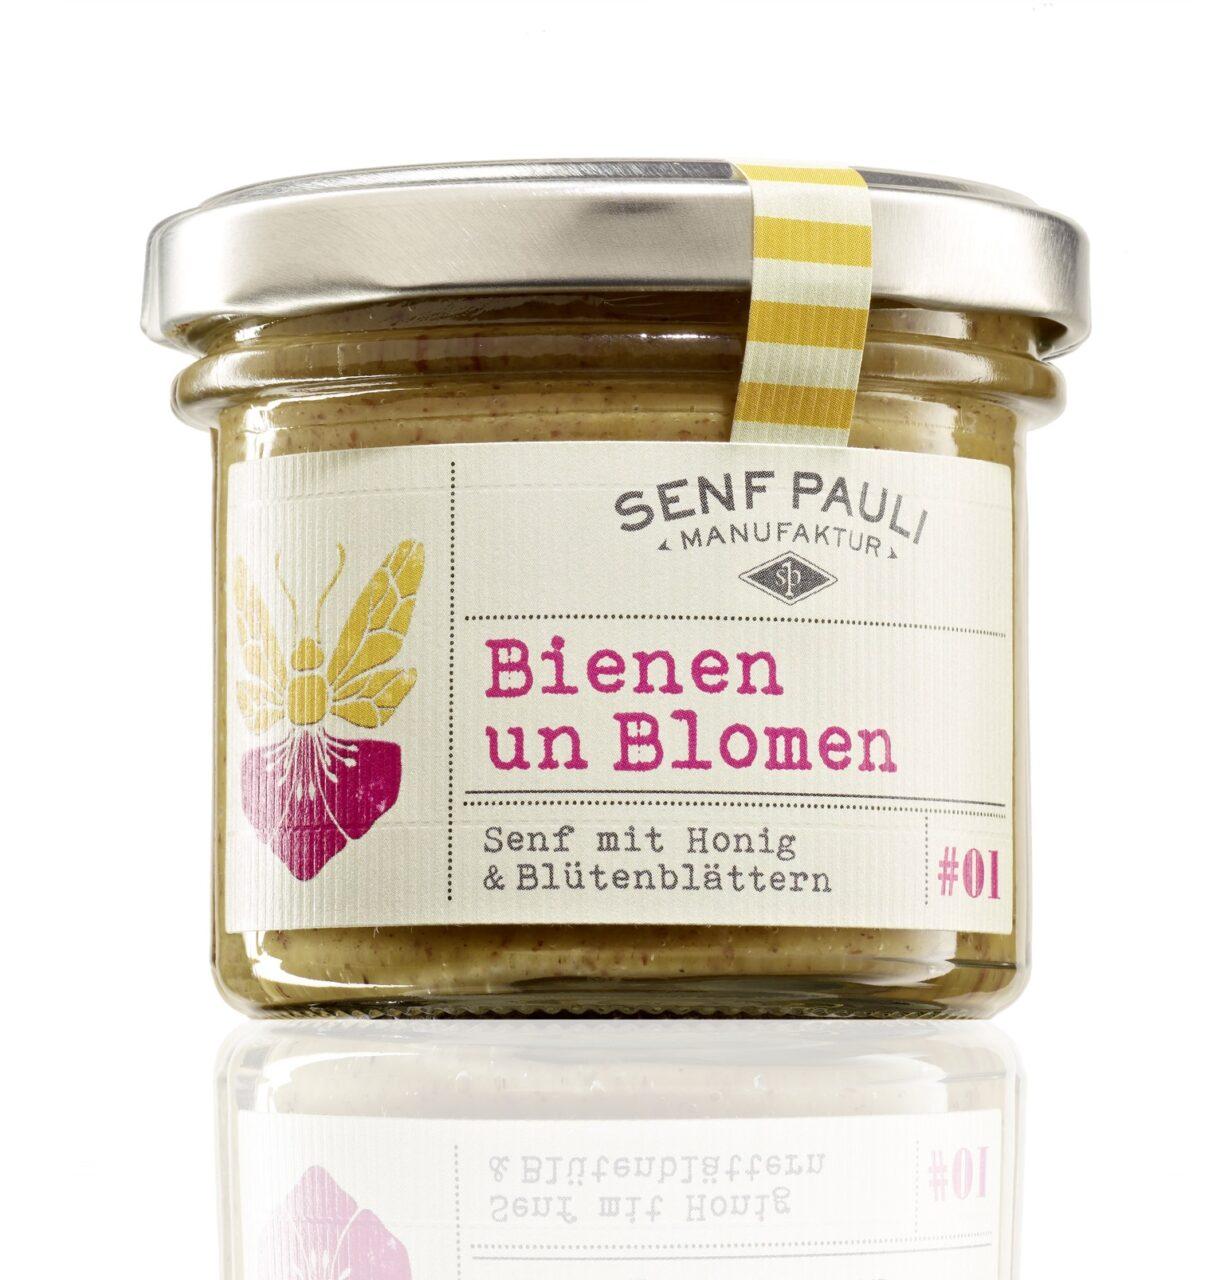 Senf Pauli, Manufaktur, Hamburg, selbstgemacht, Senf, Bienen und Blomen, Honig